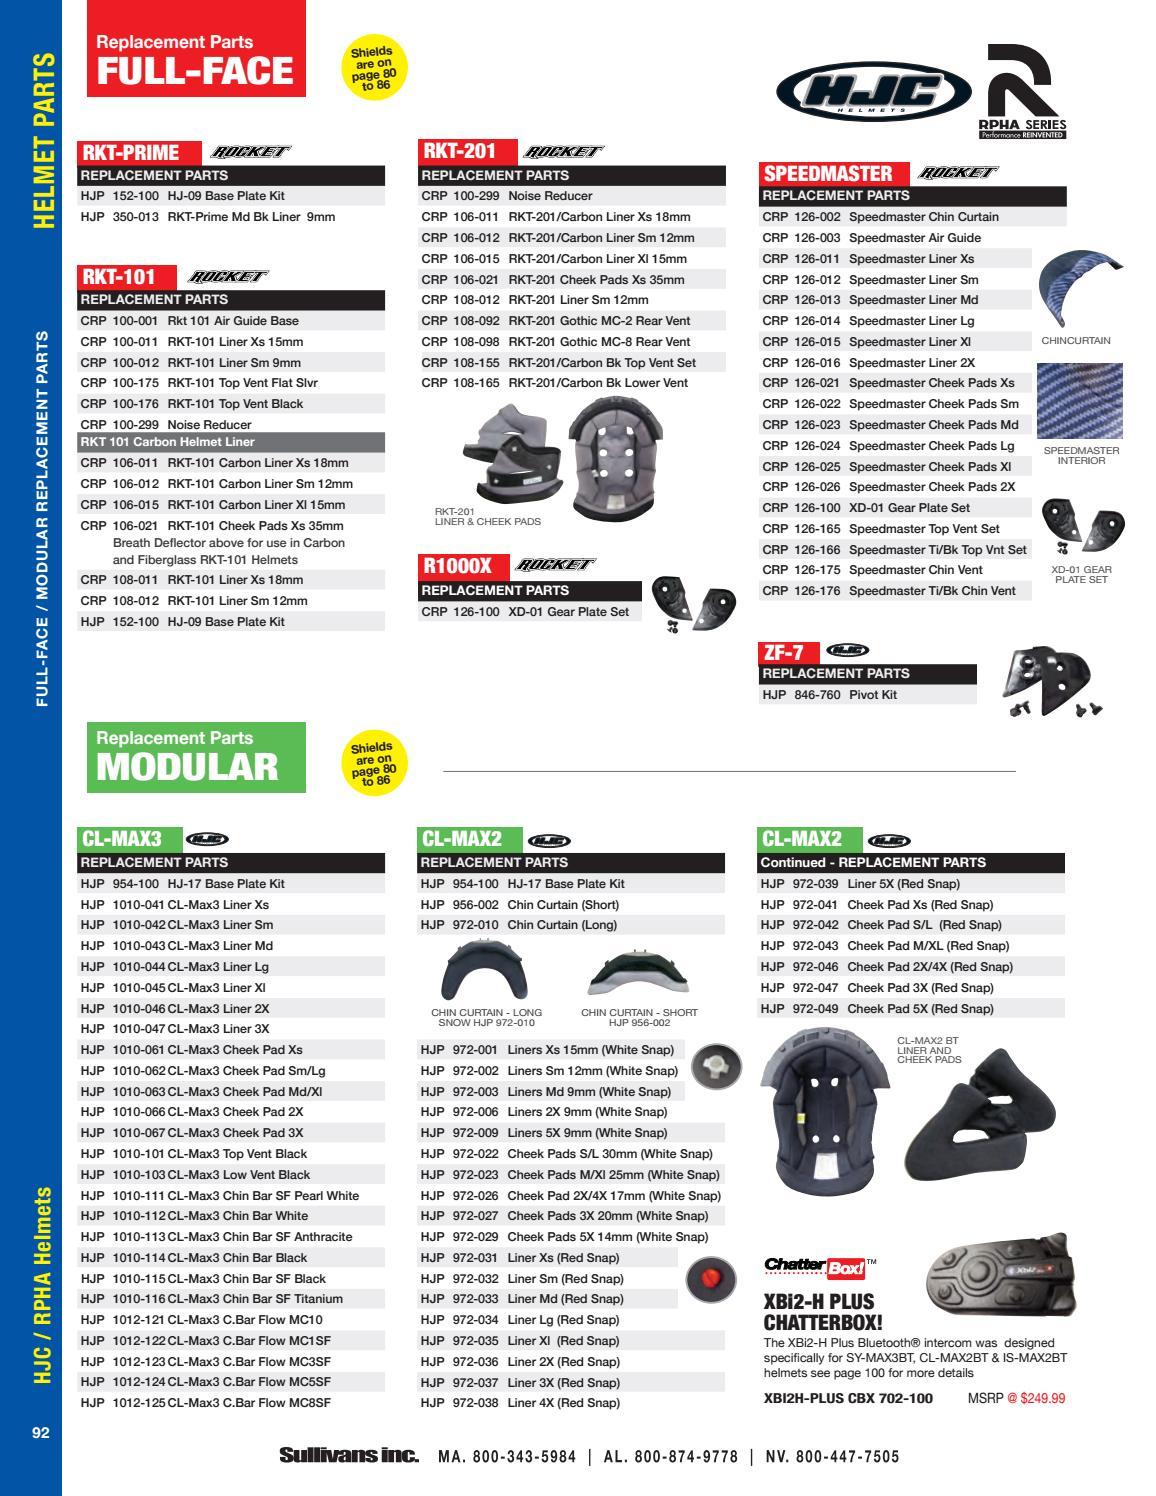 hjc cl max3 cheek pad set 3x black 1010 067